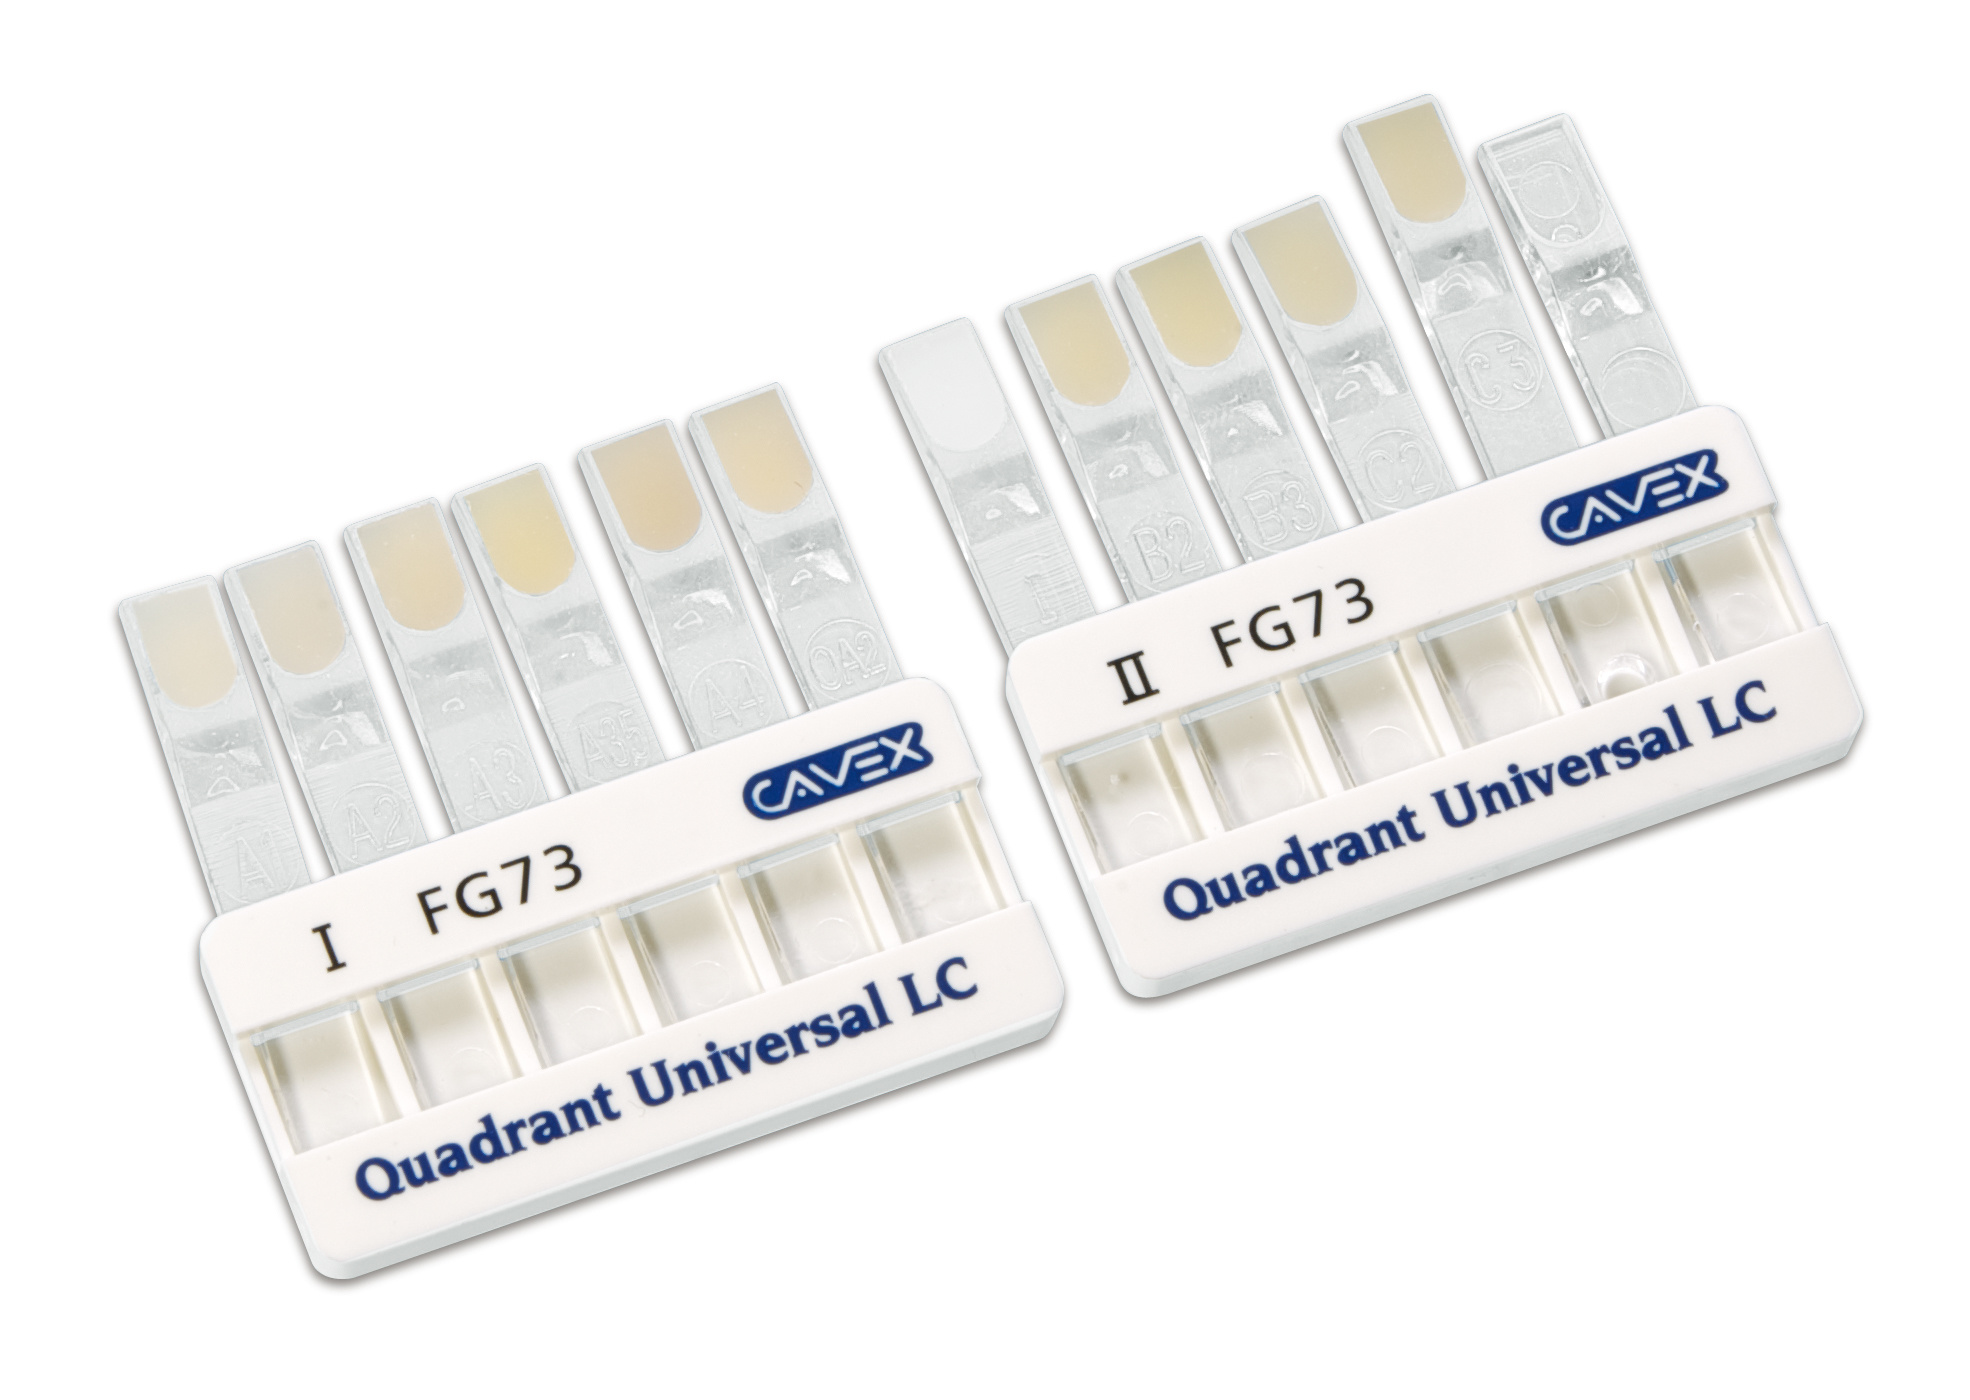 Cavex Kleurenring Quadrant Universal LC 11 kleuren